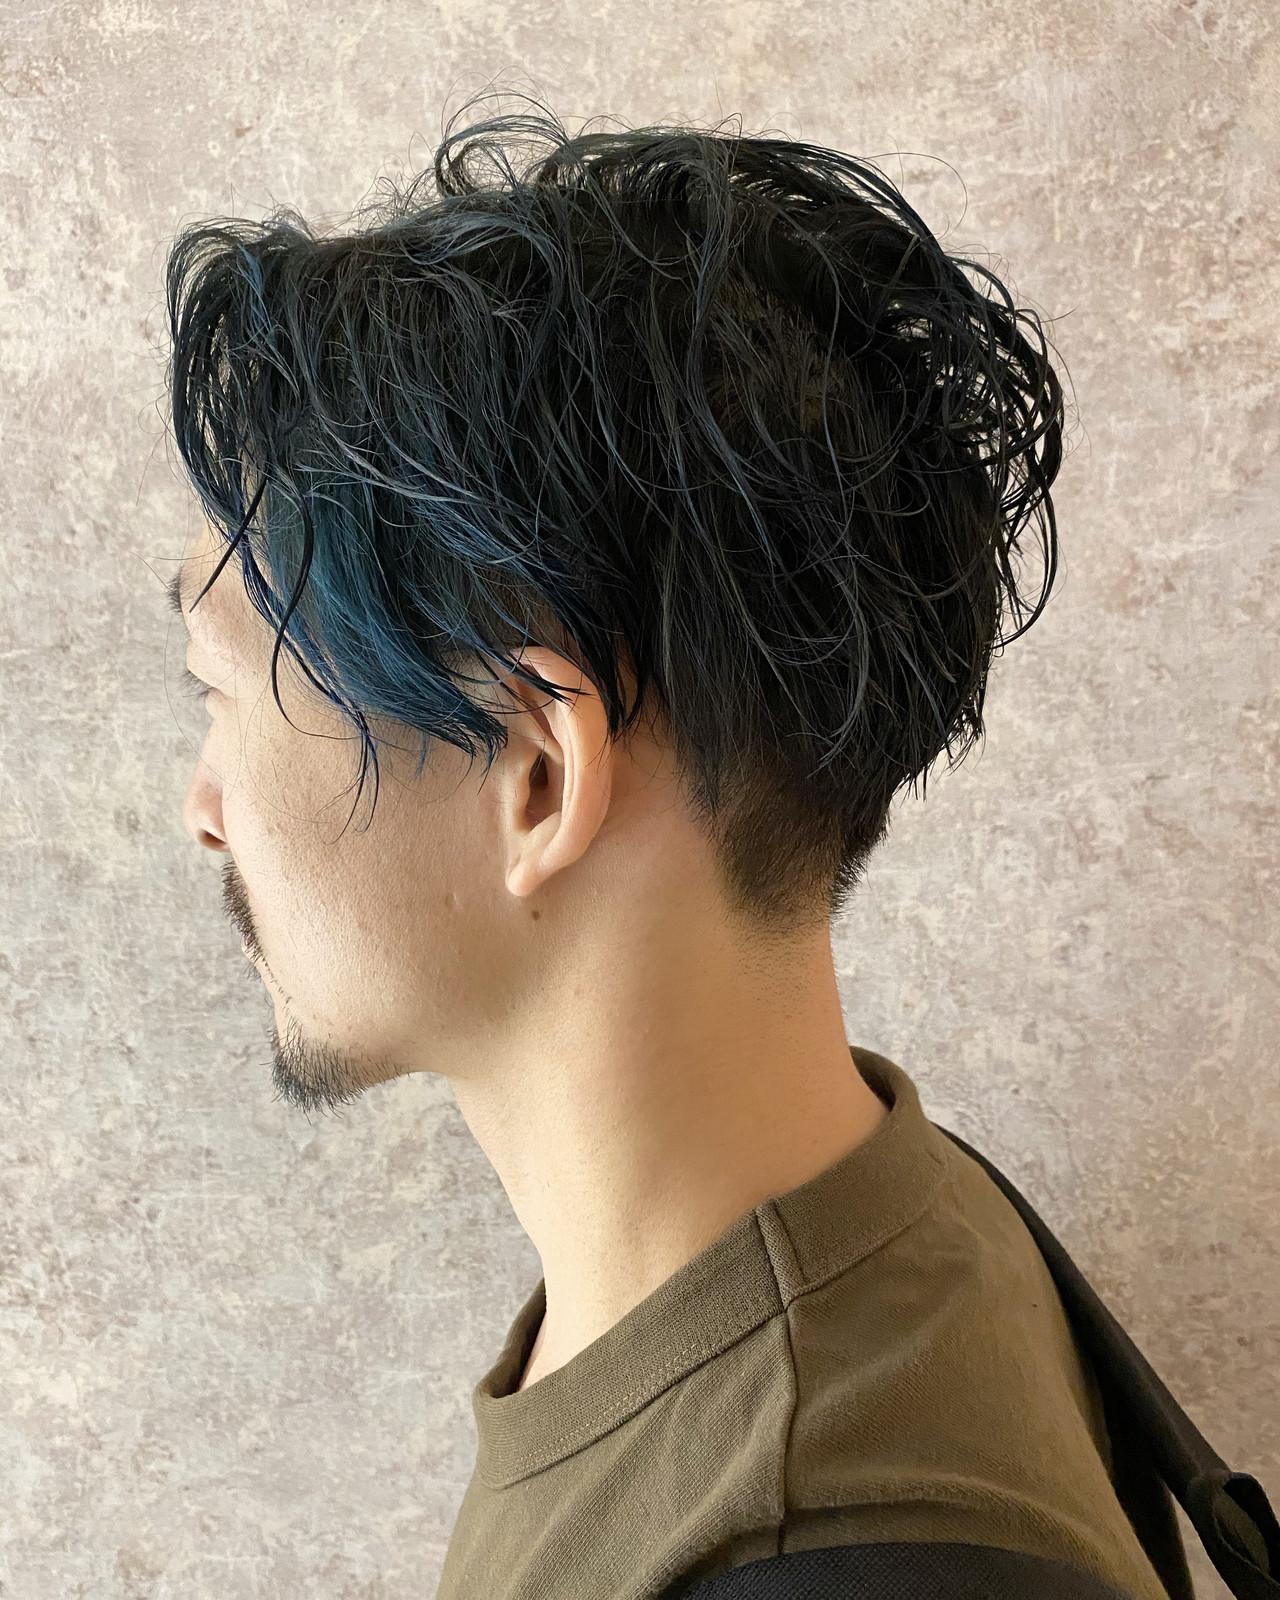 ブルー メンズパーマ ナチュラル ツーブロック ヘアスタイルや髪型の写真・画像